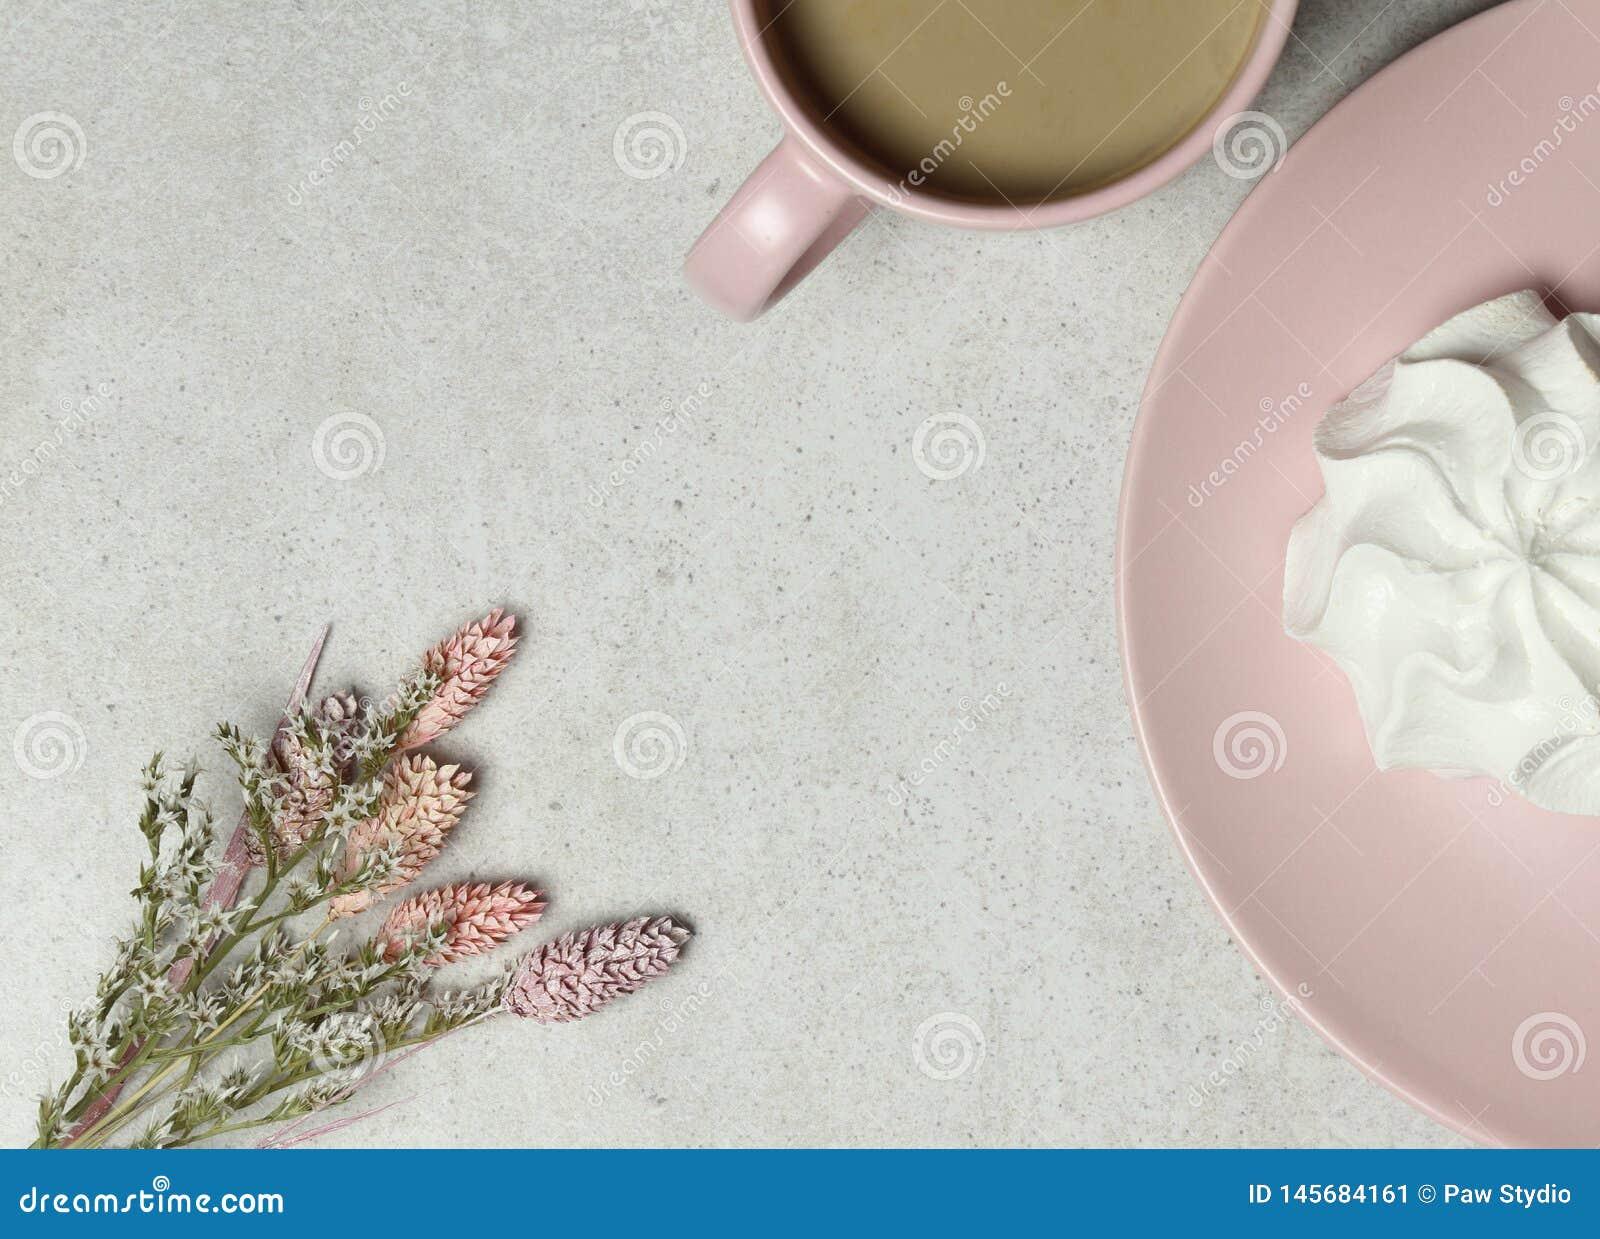 La taza de café, melcocha, ramo de flores blancas en la textura del granito